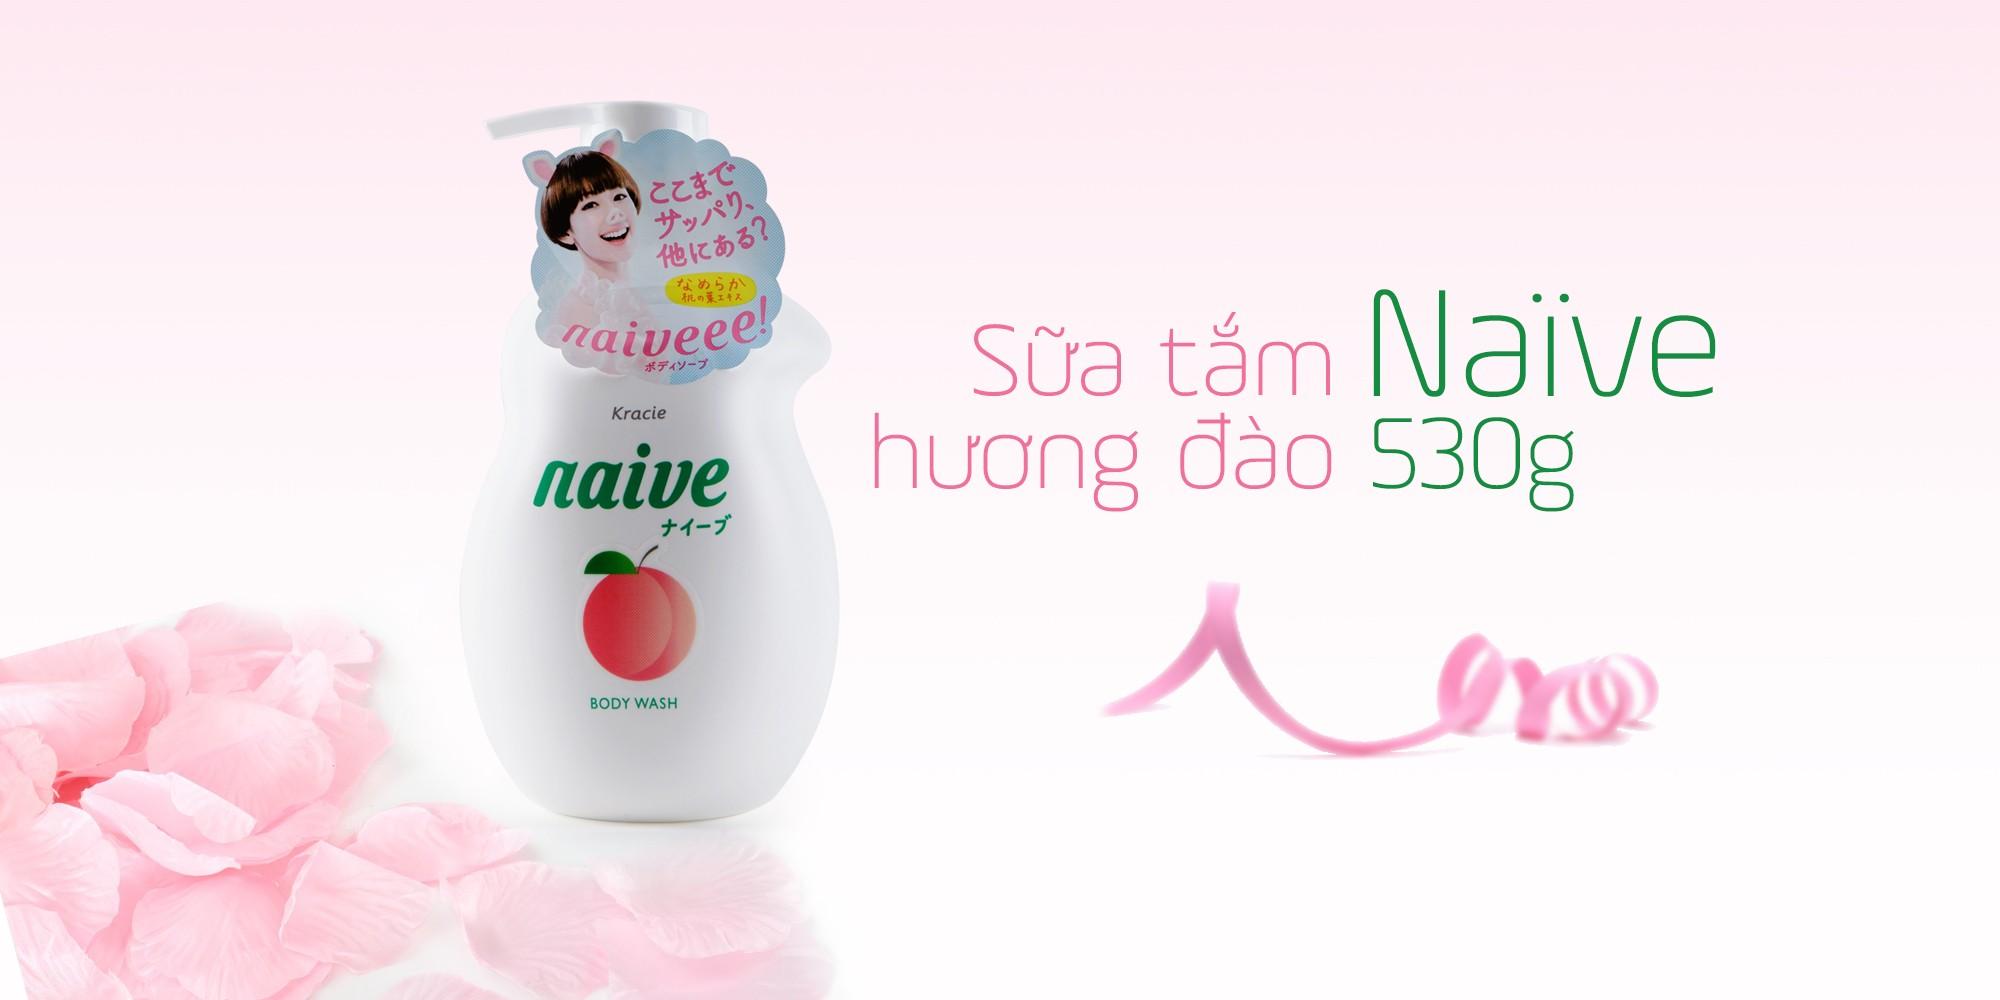 Sữa tắm chiết xuất lá đào naive